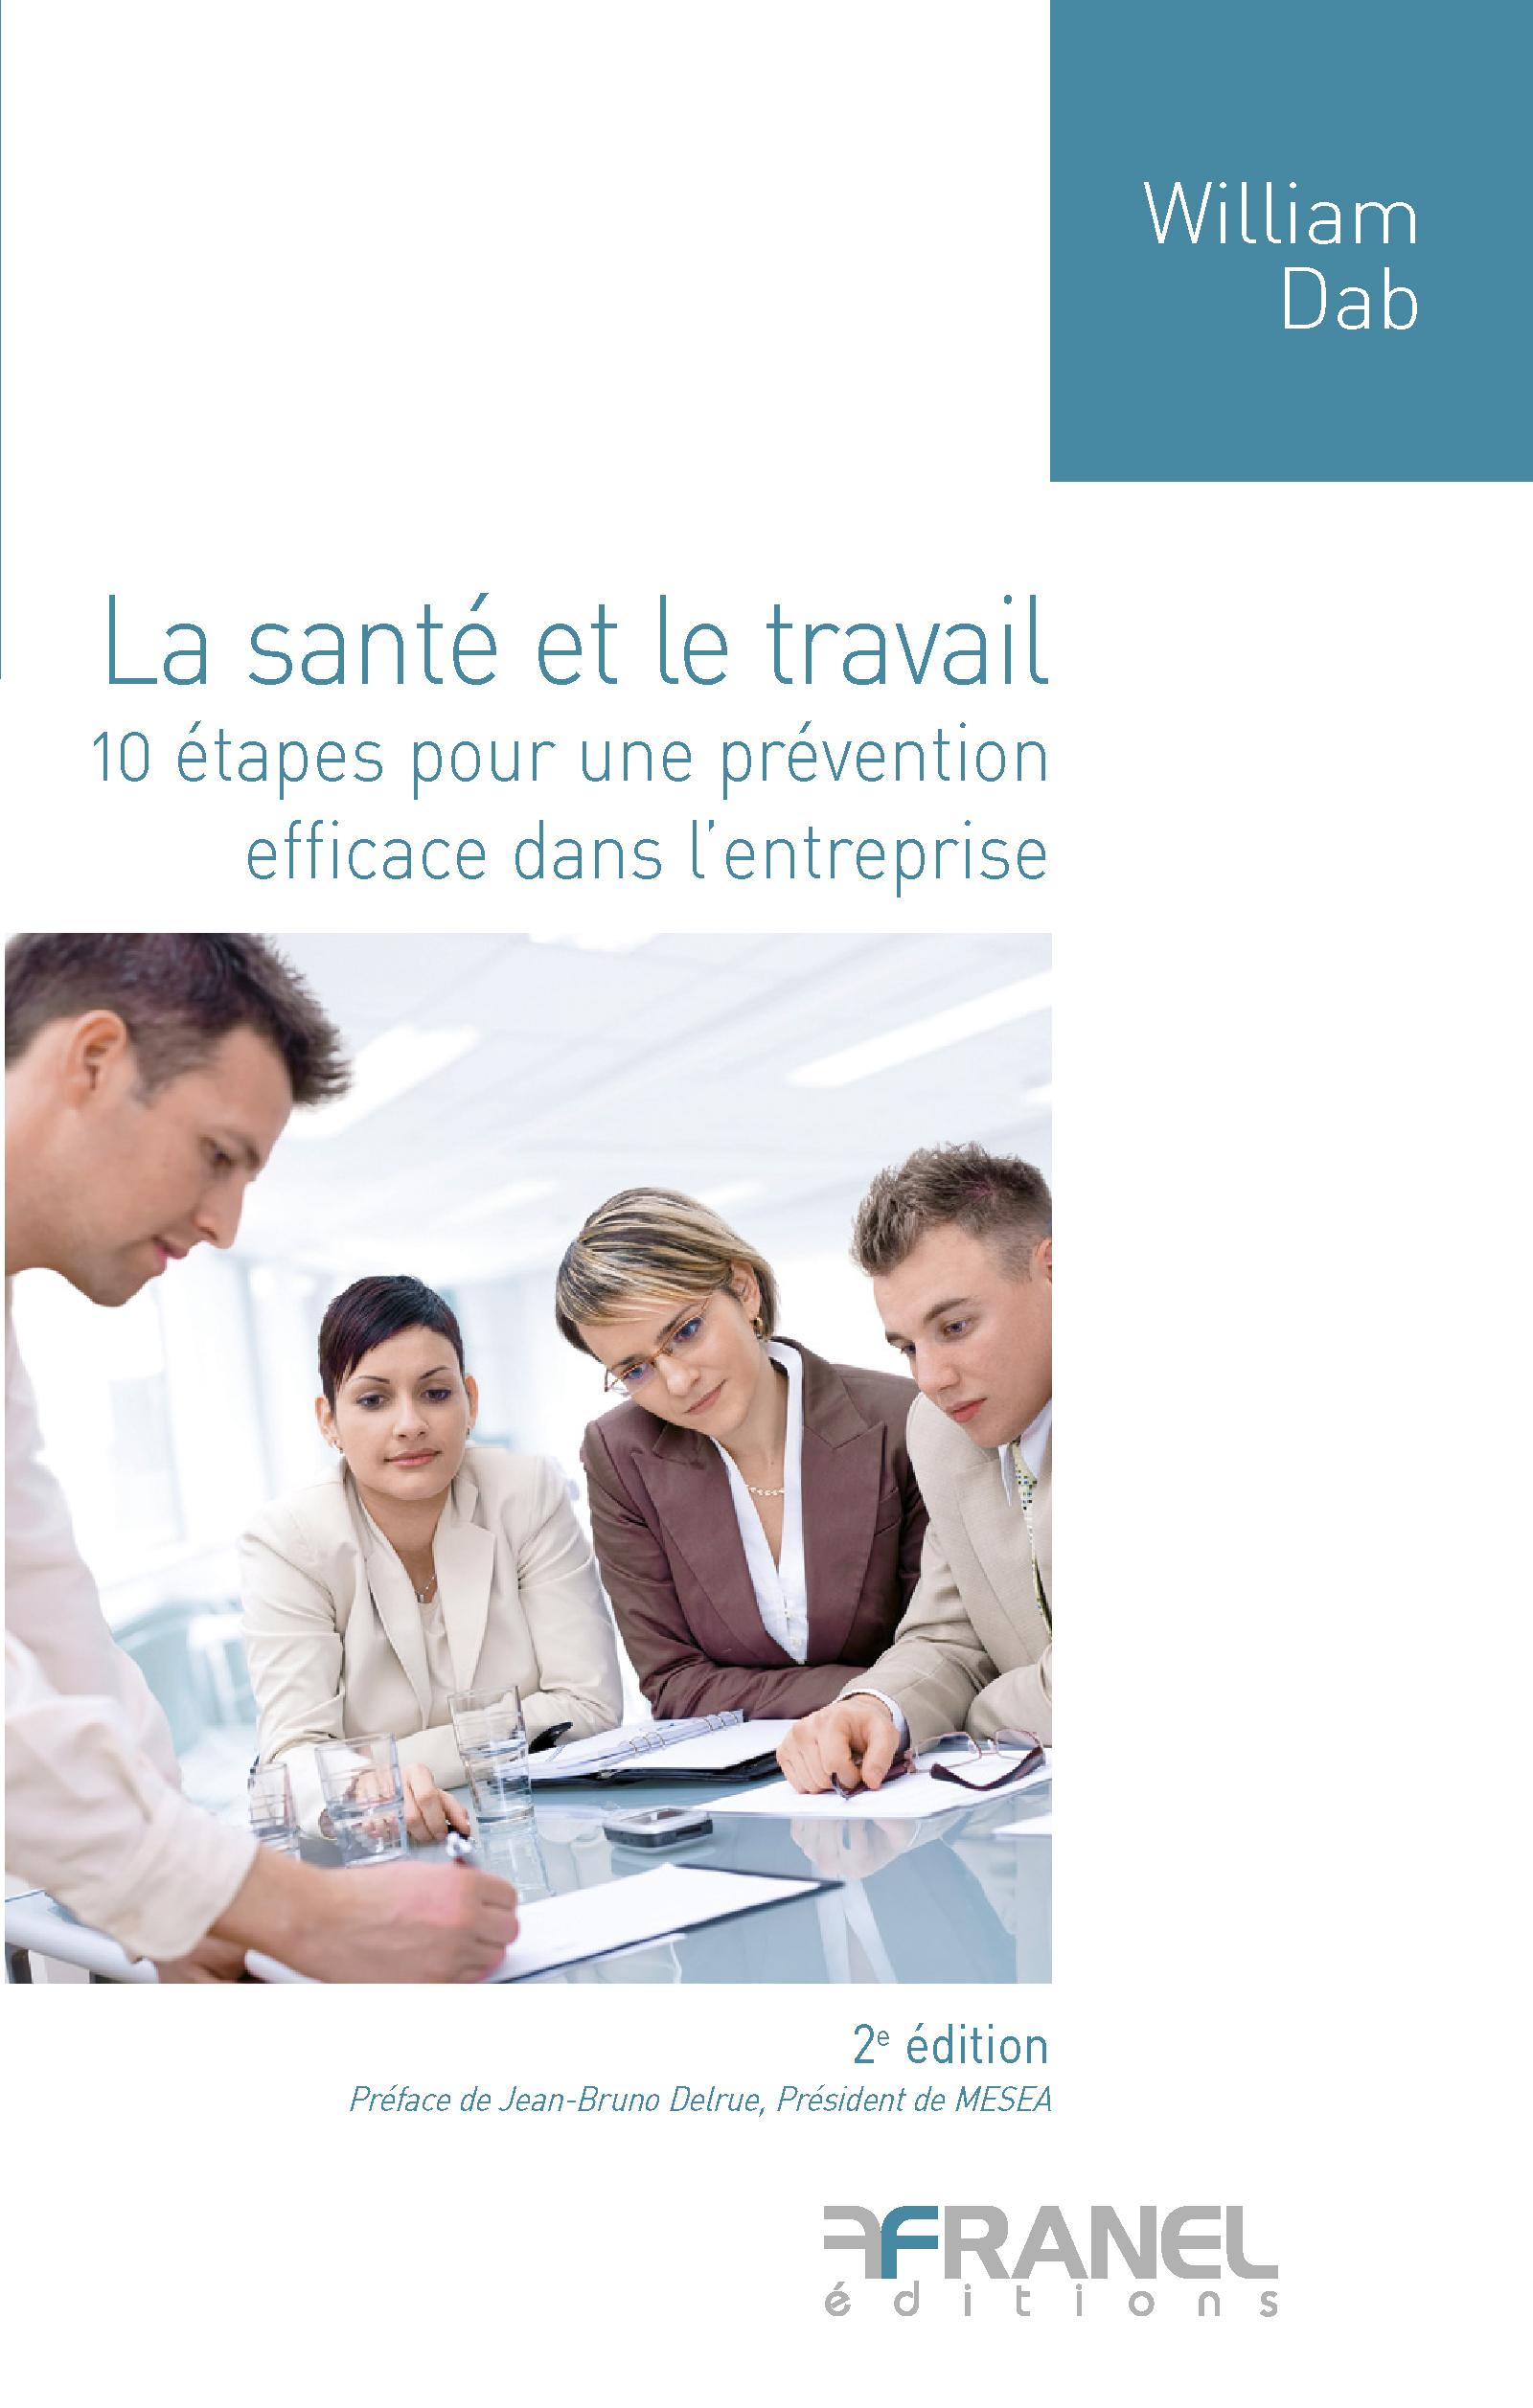 La Santé et le travail  (2e édition)